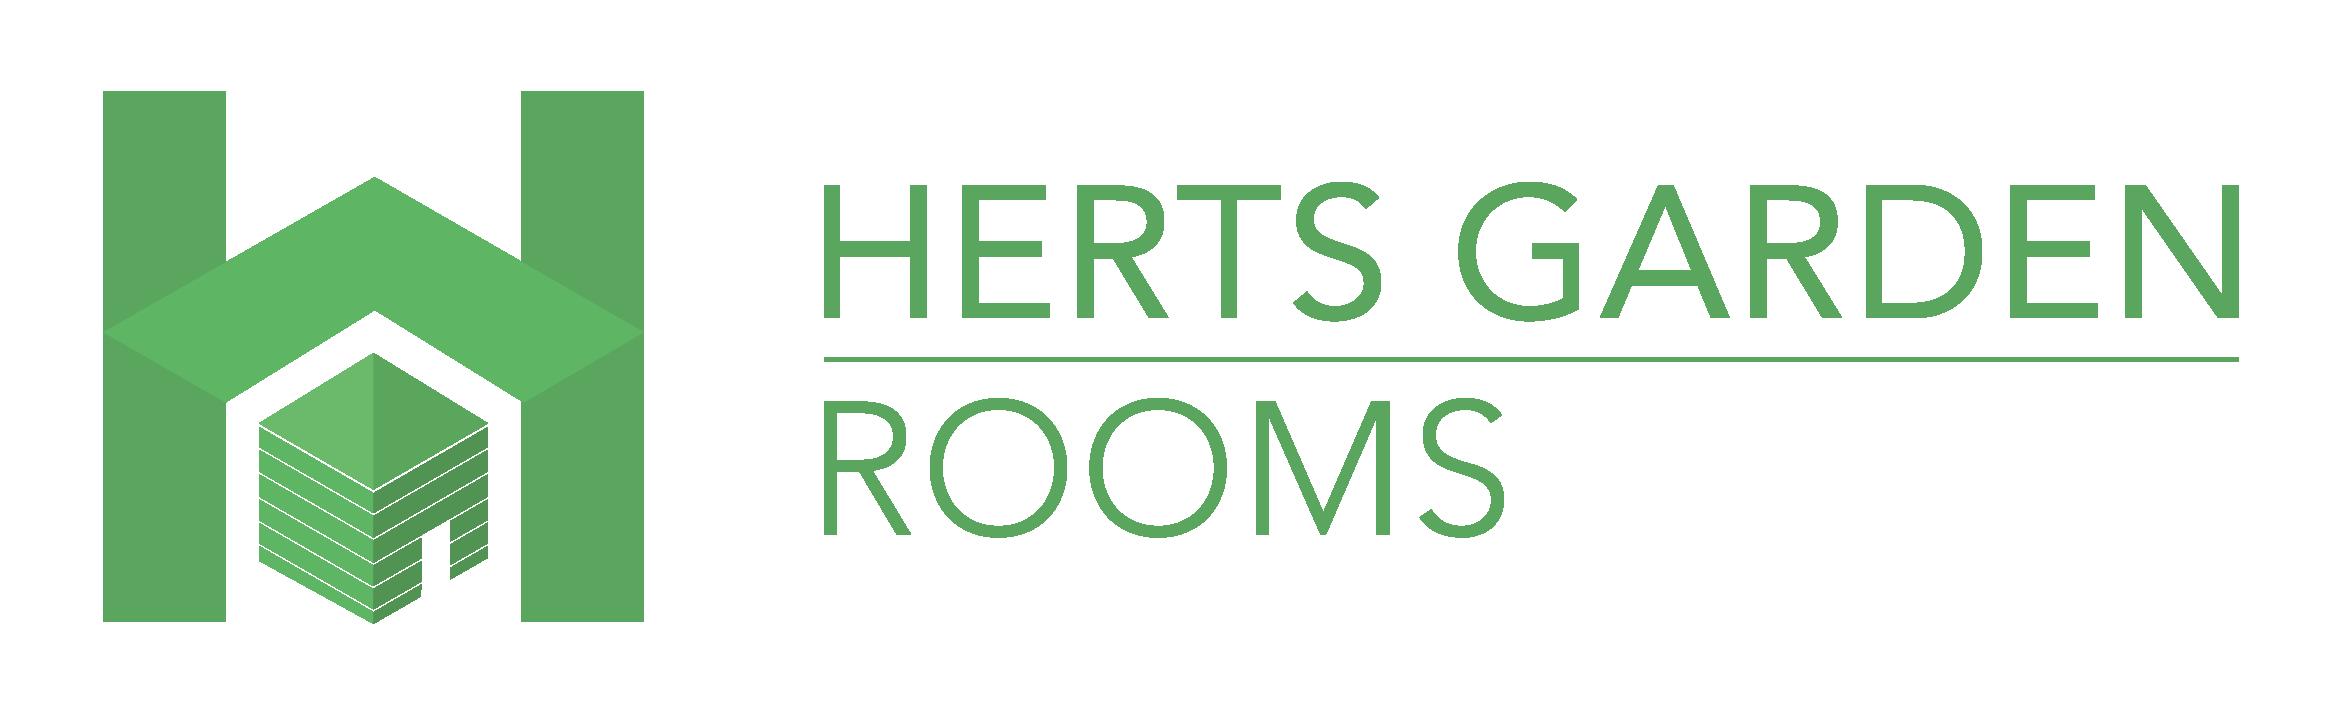 Herts Garden Rooms